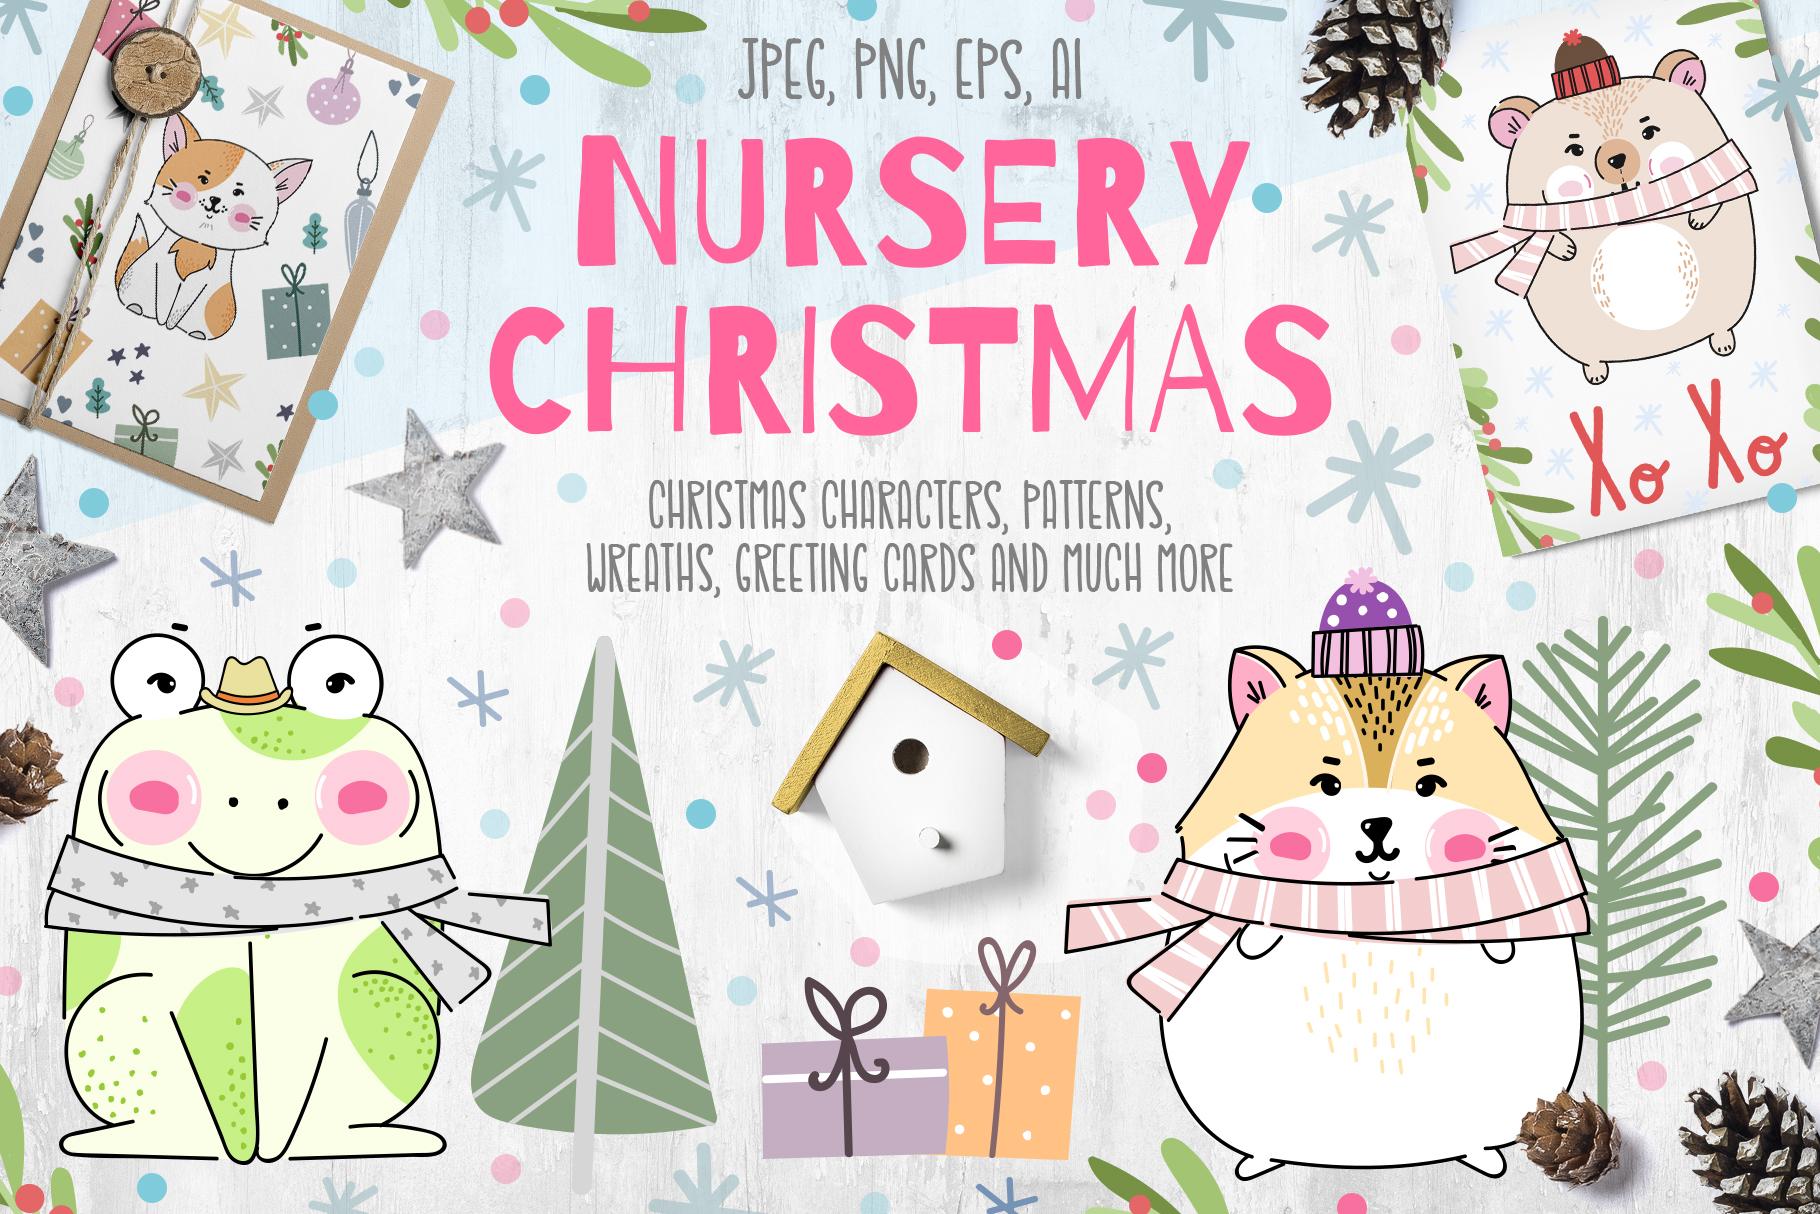 Nursery Christmas example image 1